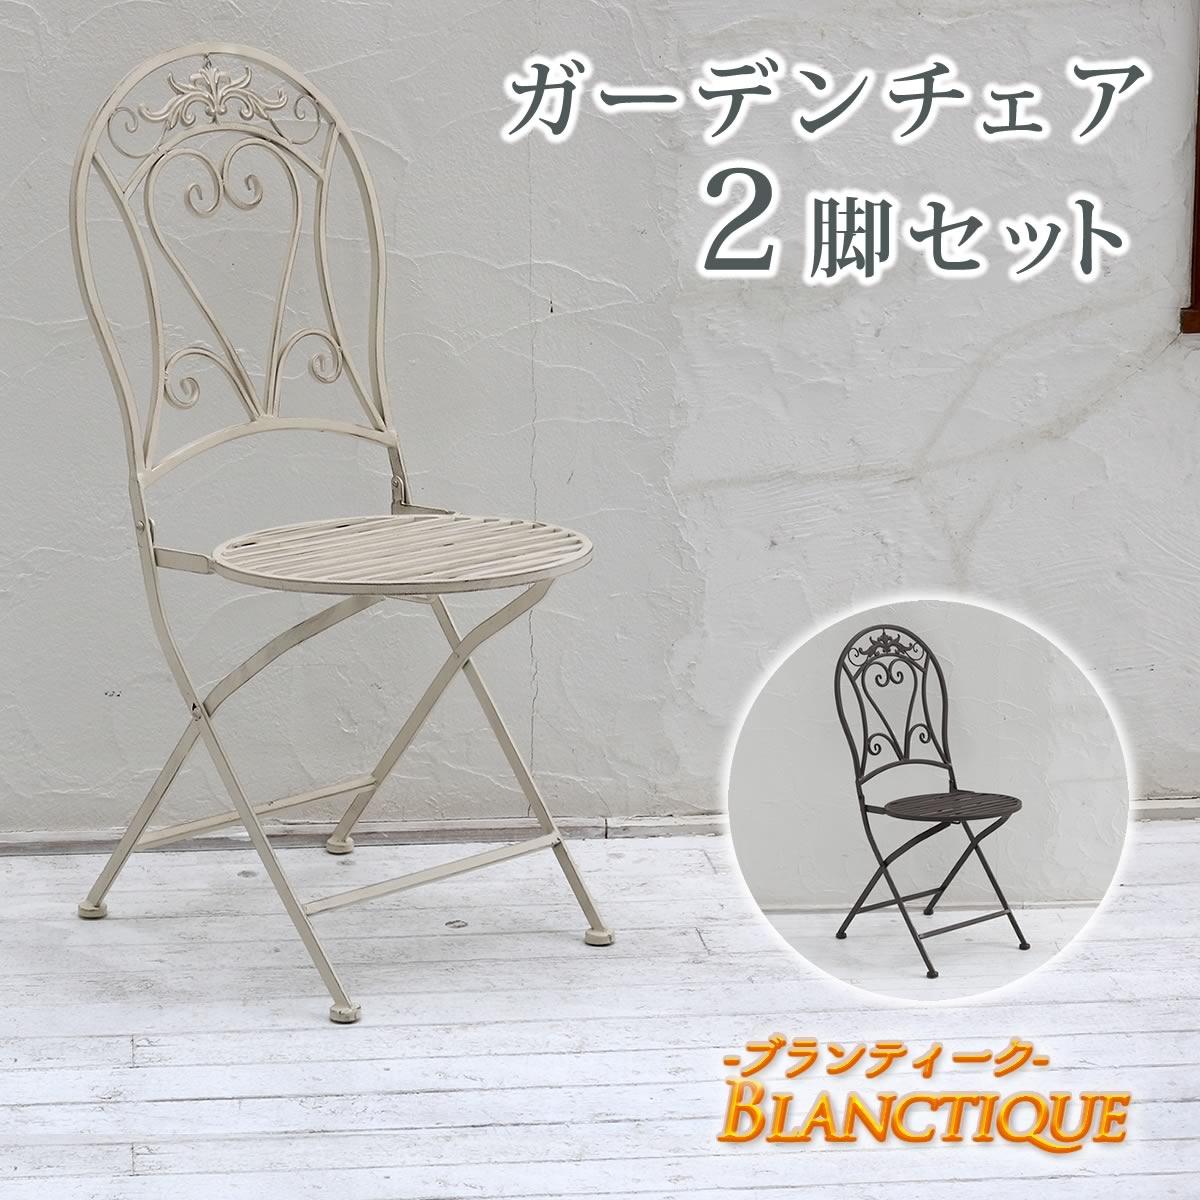 【ポイントアップ+お得なクーポン】ガーデンチェア アイアンチェア 2脚セット 白 茶 ガーデン テラス 庭 椅子 アンティーク ファニチャー おしゃれ カフェ 送料無料